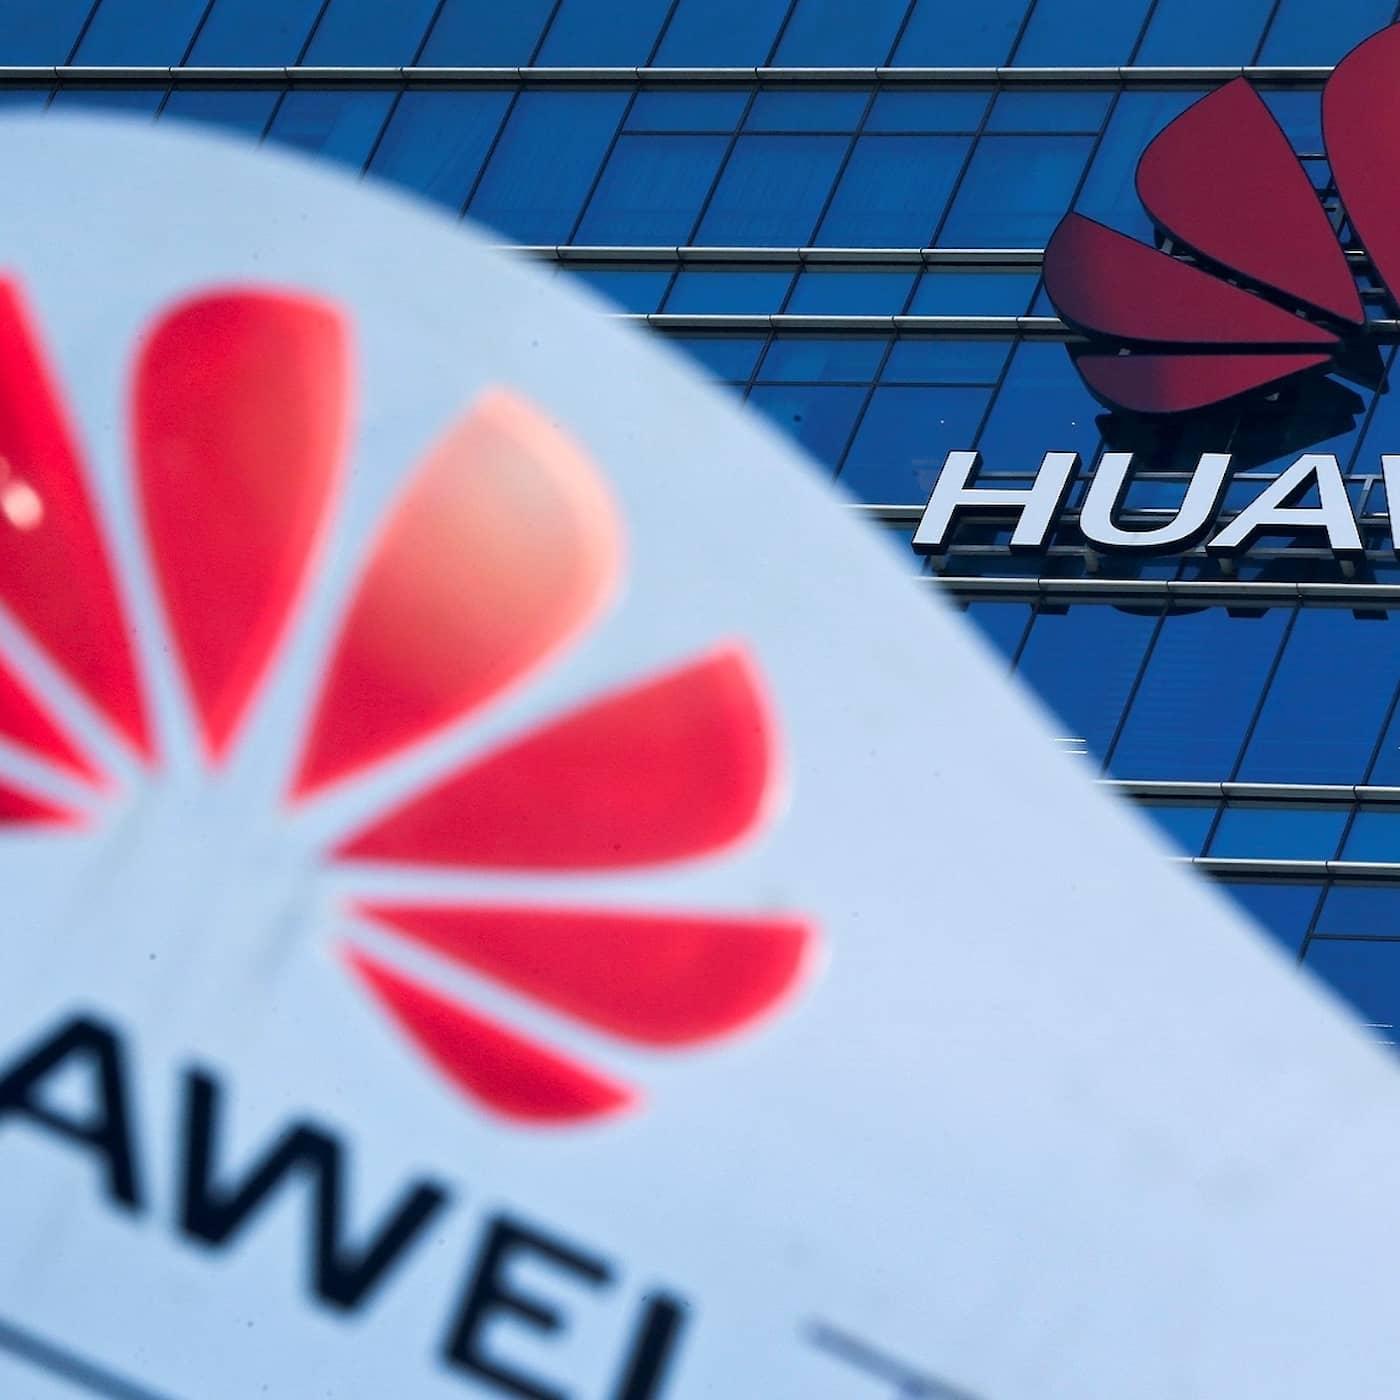 5G-kriget och Huawei - spioneri, storpolitik och global kapplöpning